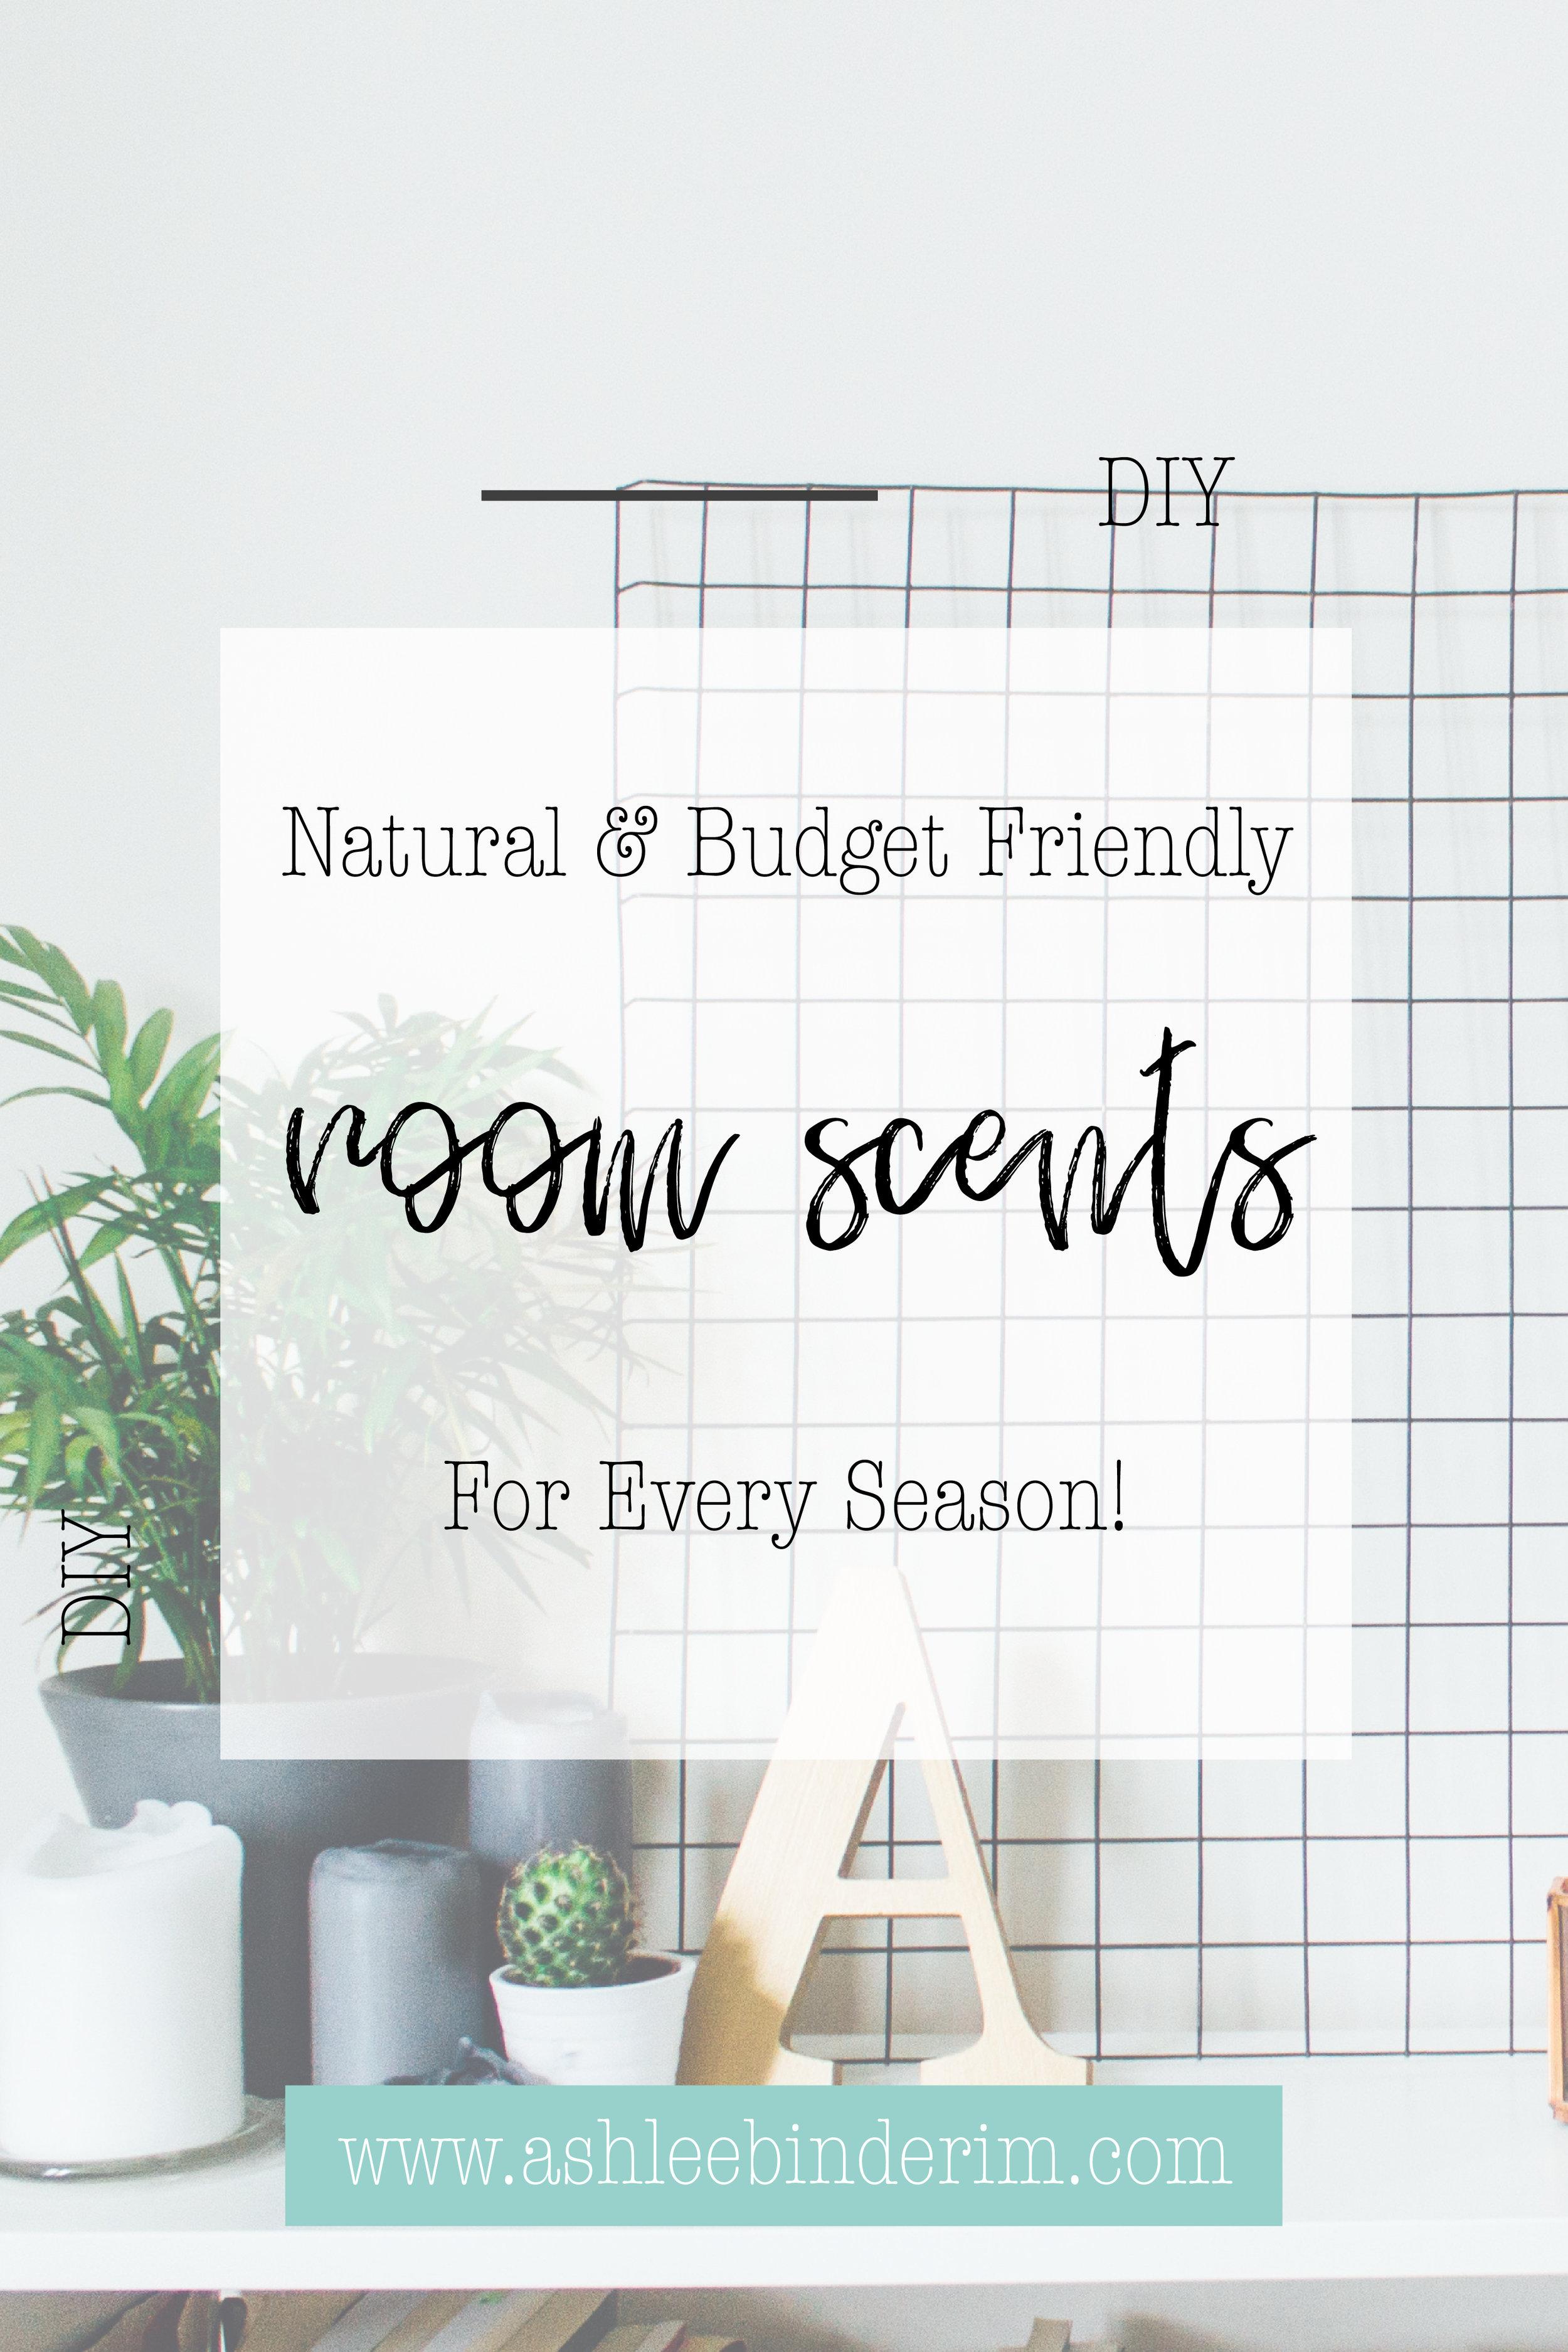 DIY Natural Room Scents